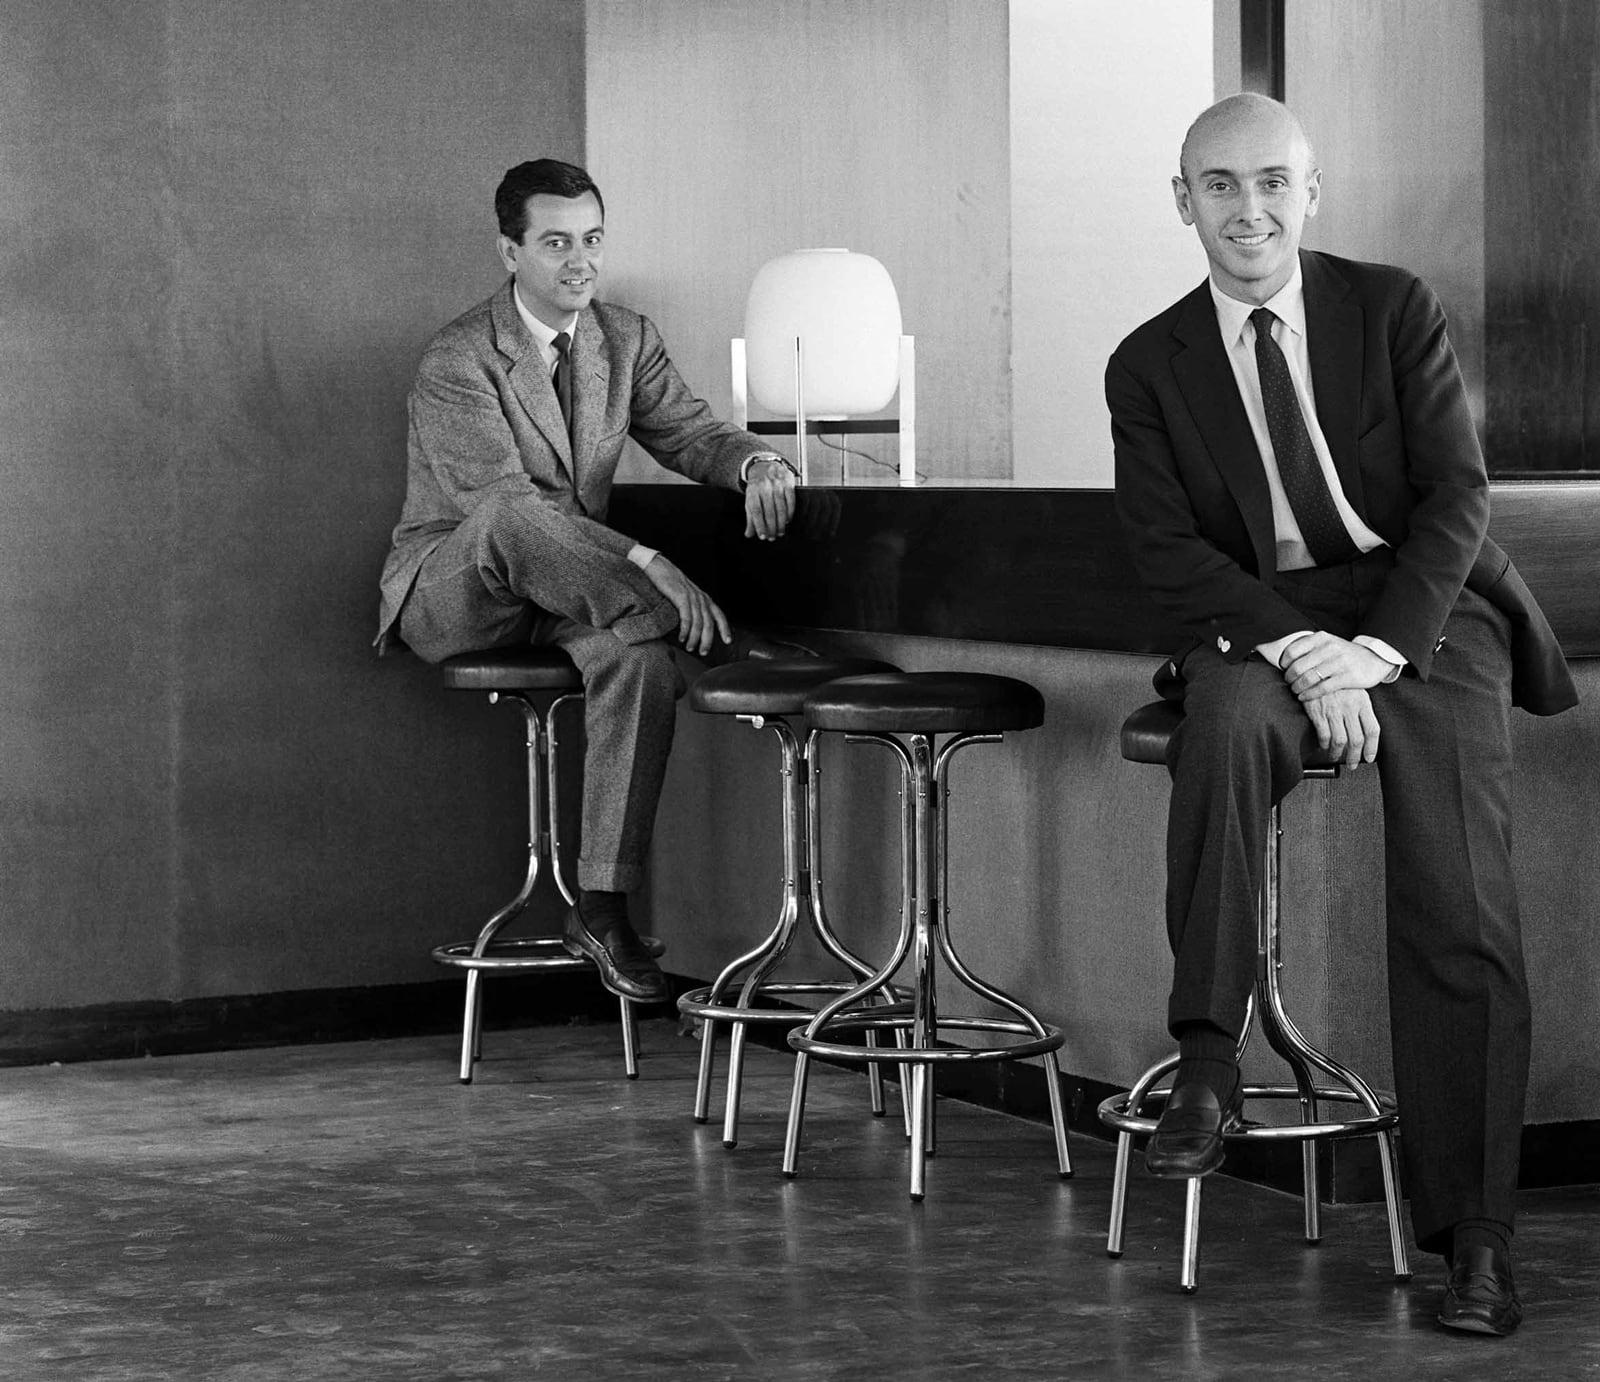 Federico Correa (esquerra) i el seu soci, Alfons Milà, el 1962, al bar-restaurant de la vuitena planta de l'edifici del Col·legi d'Arquitectes de Catalunya, a la plaça Nova. Fotografia d'Oriol Maspons, cedida per l'Arxiu Històric del COAC.